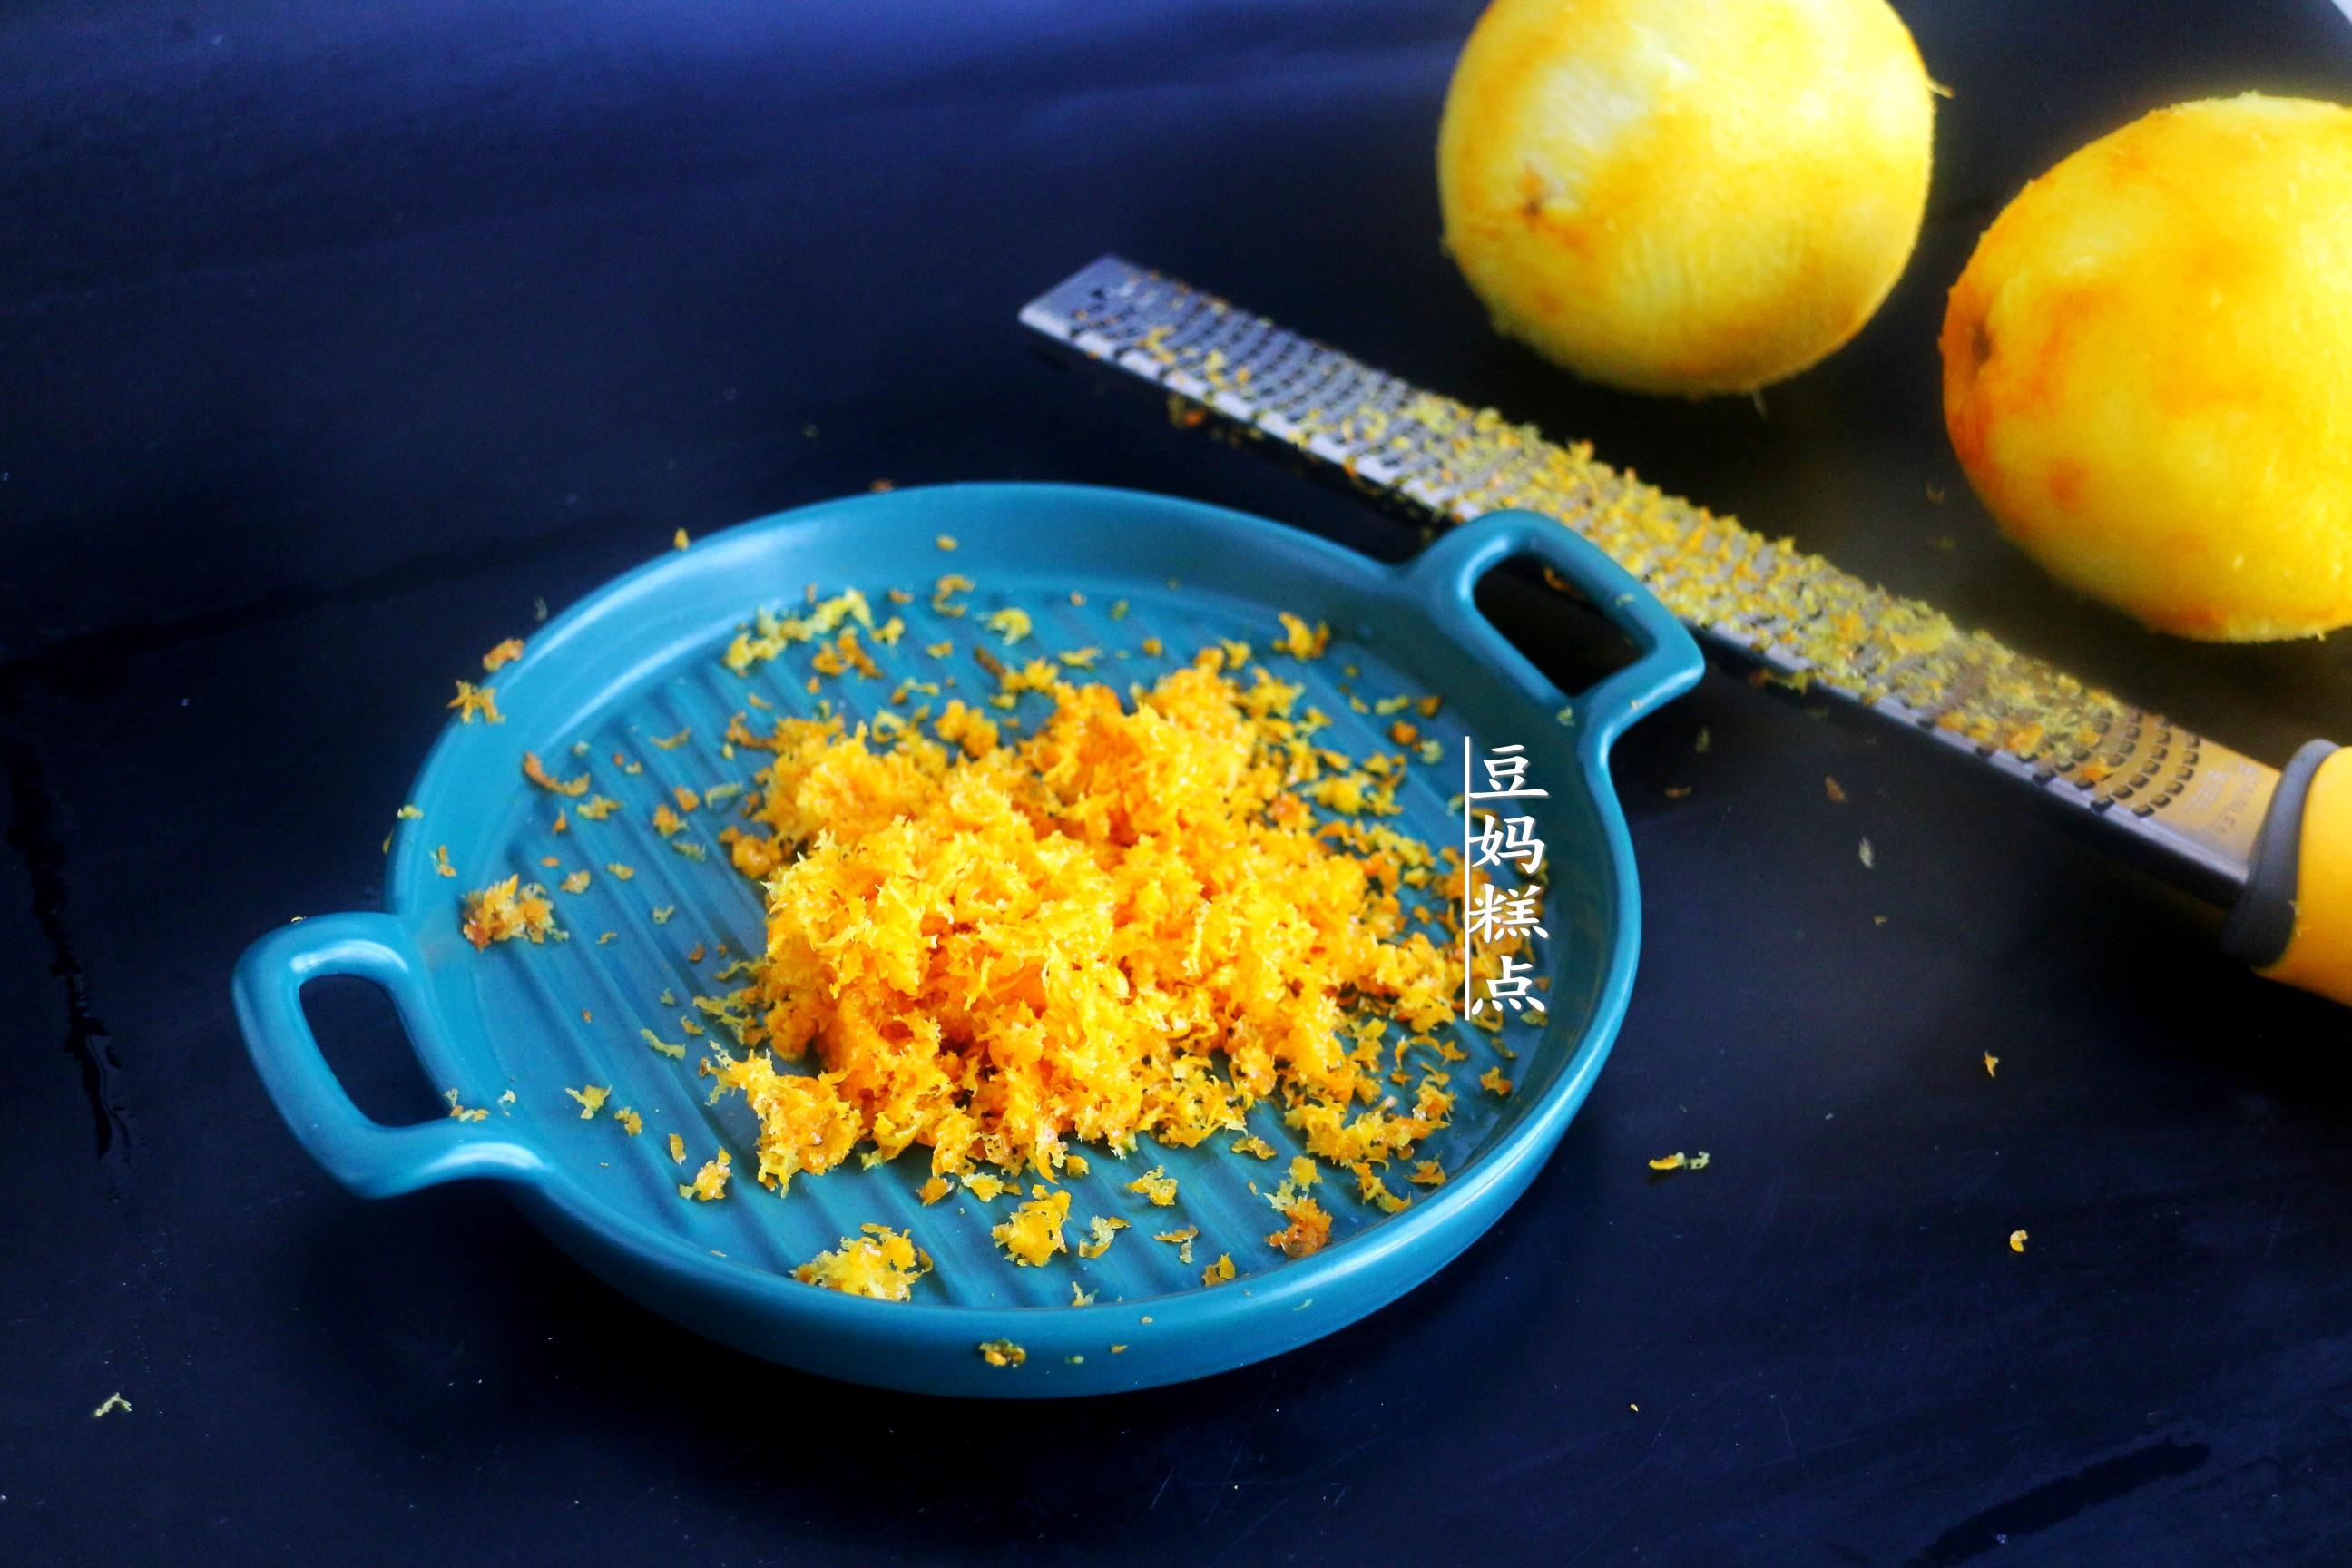 冬天,買2個橙子做蛋糕,口感柔軟清新,滿屋都是香氣